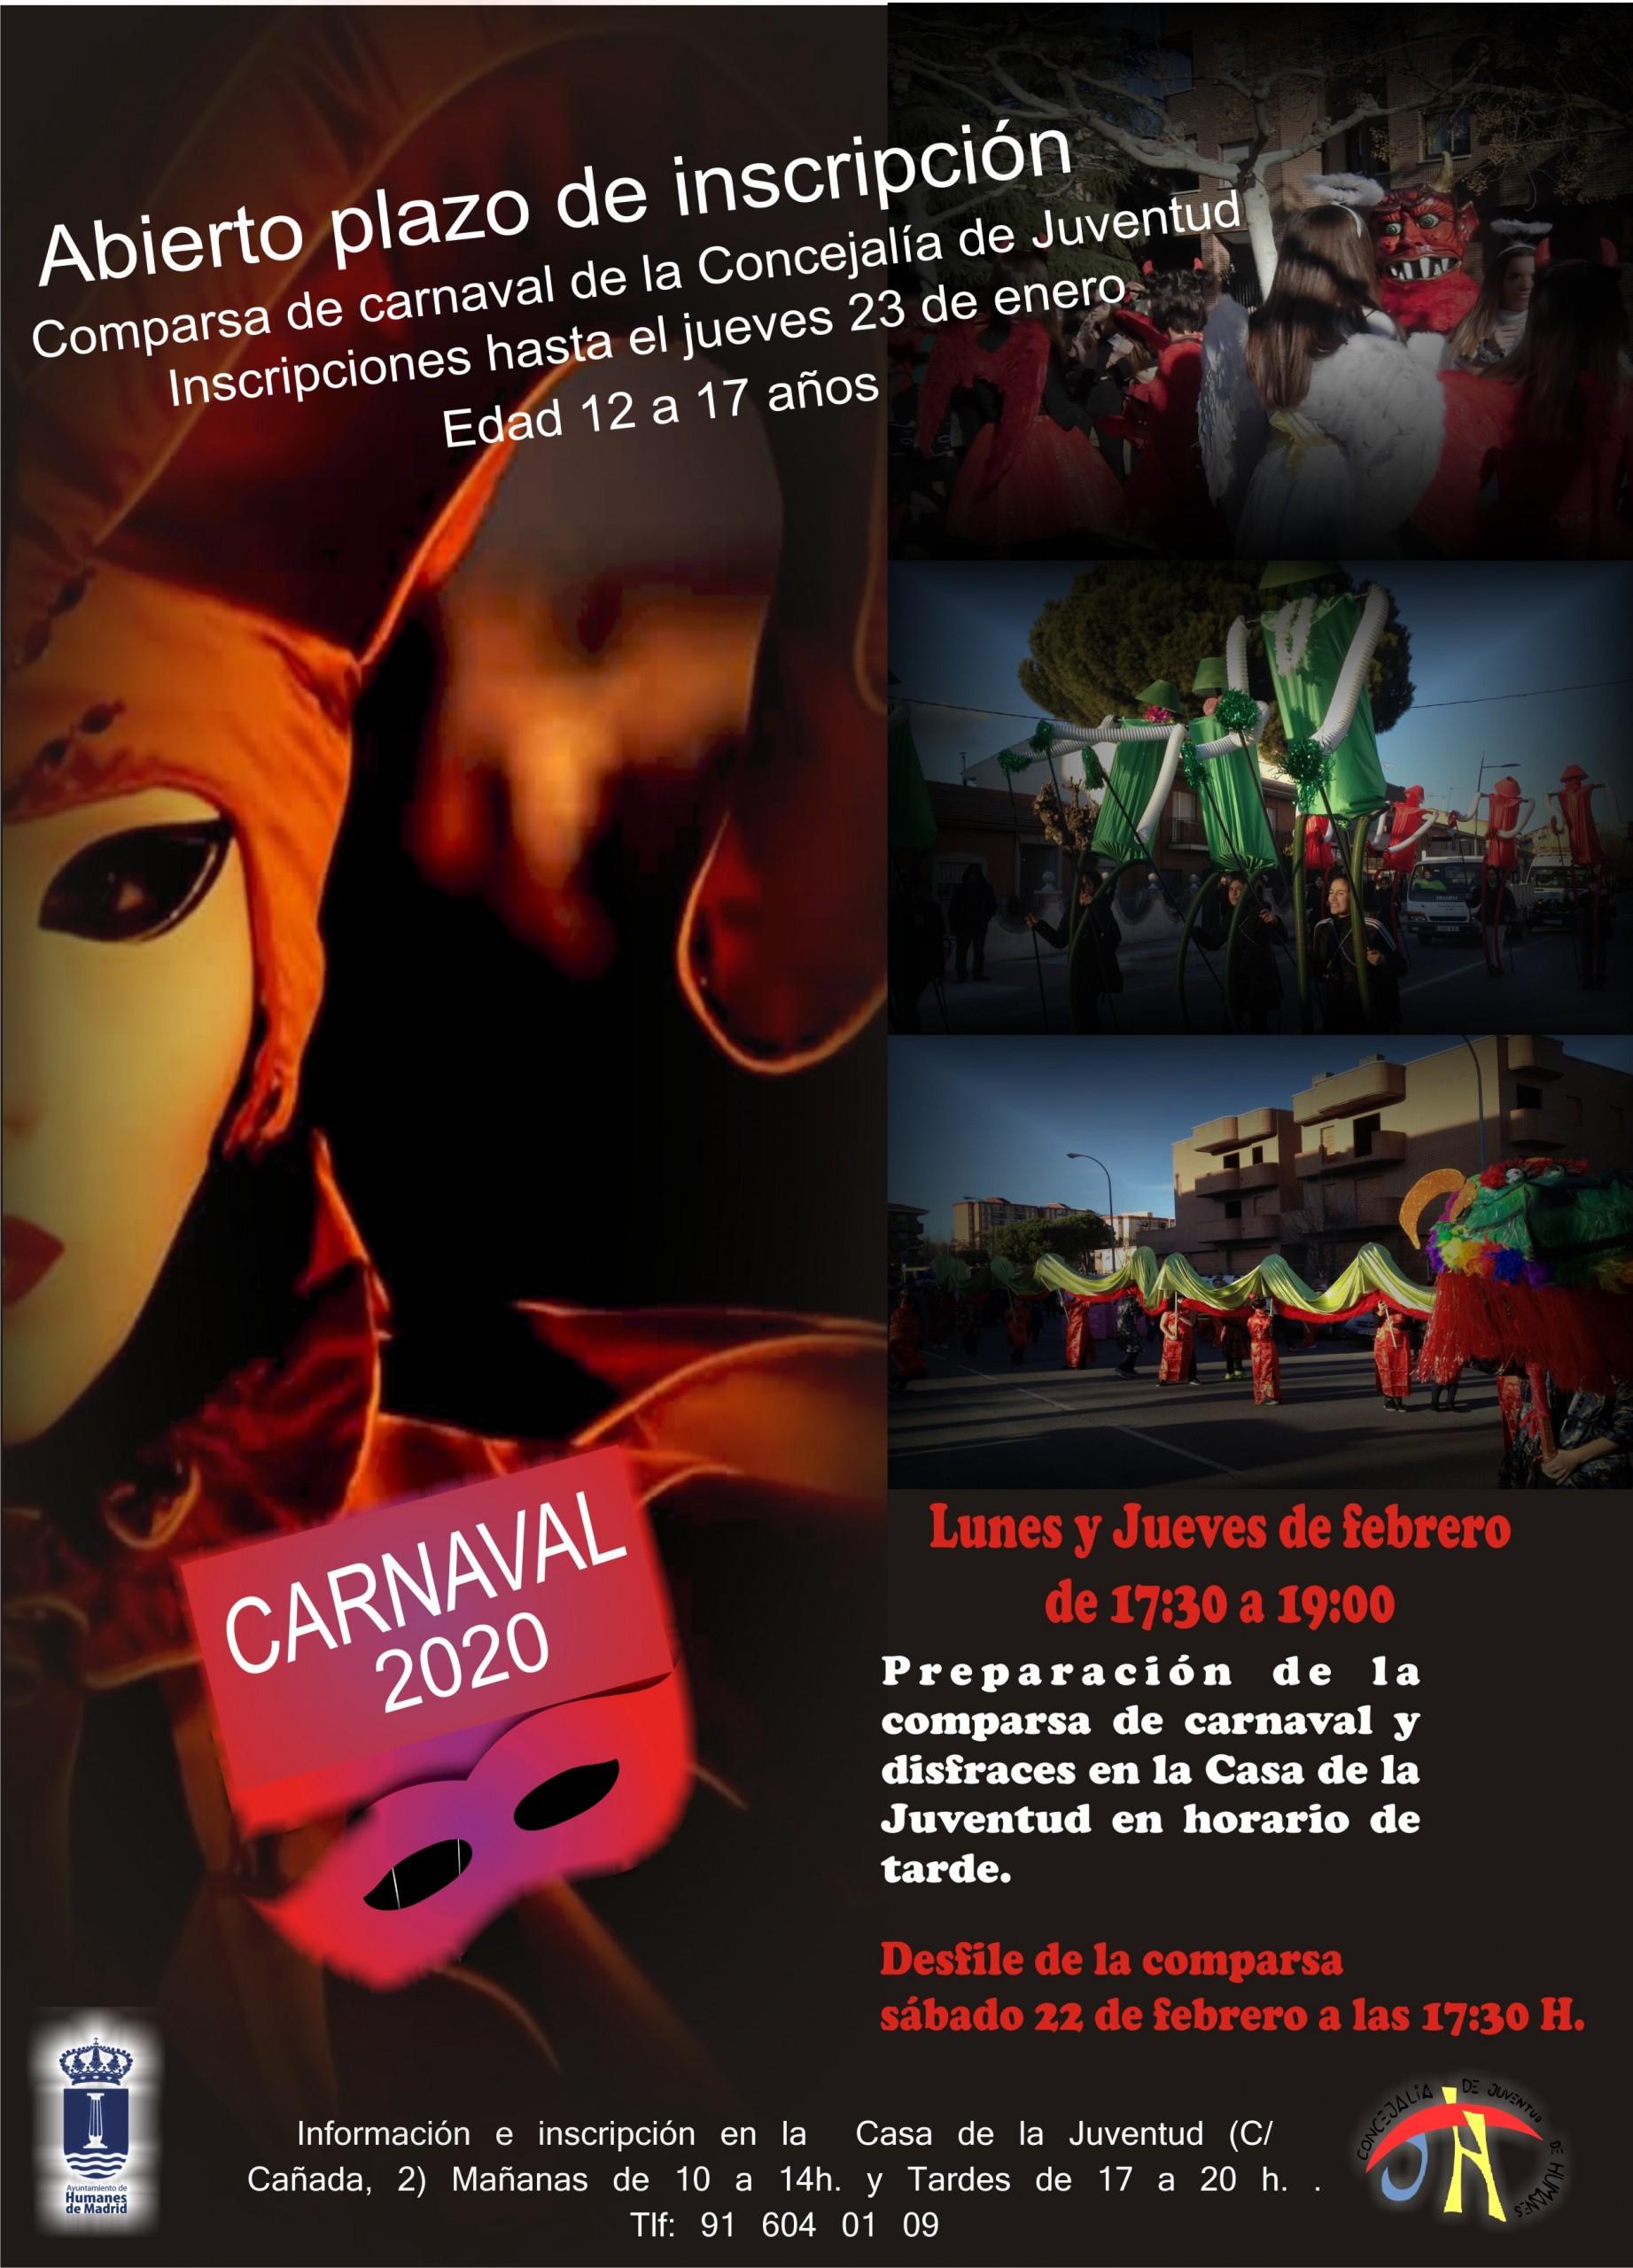 Abierto el plazo para participar en la comparsa de carnaval 2020 de la concejalía de Juventud.